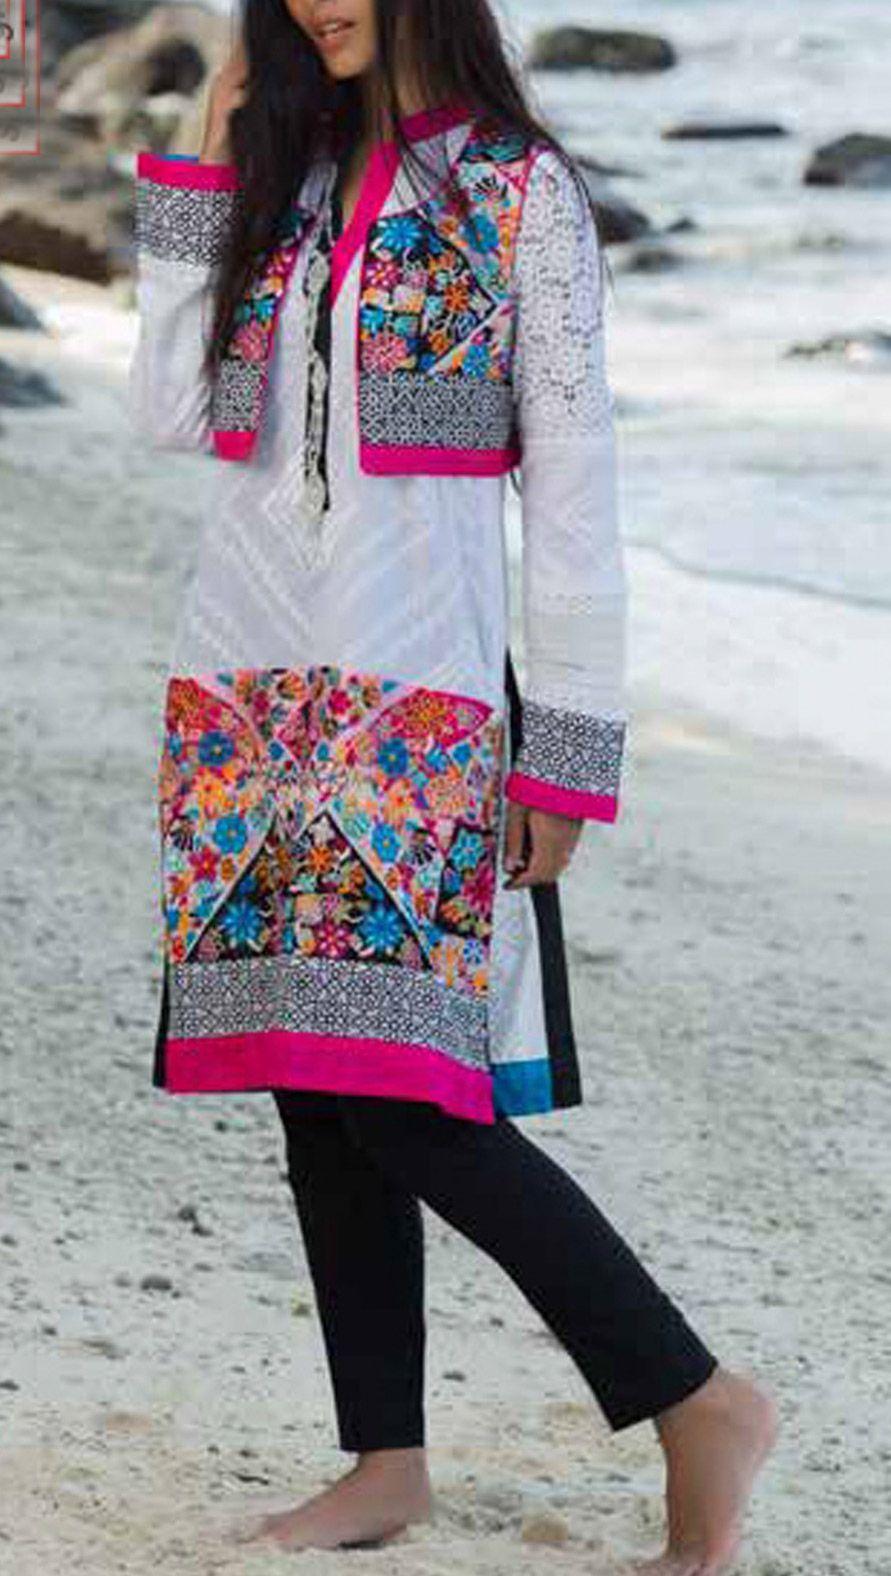 Buy whitepink printed cotton lawn kurti by house of zunn lawn